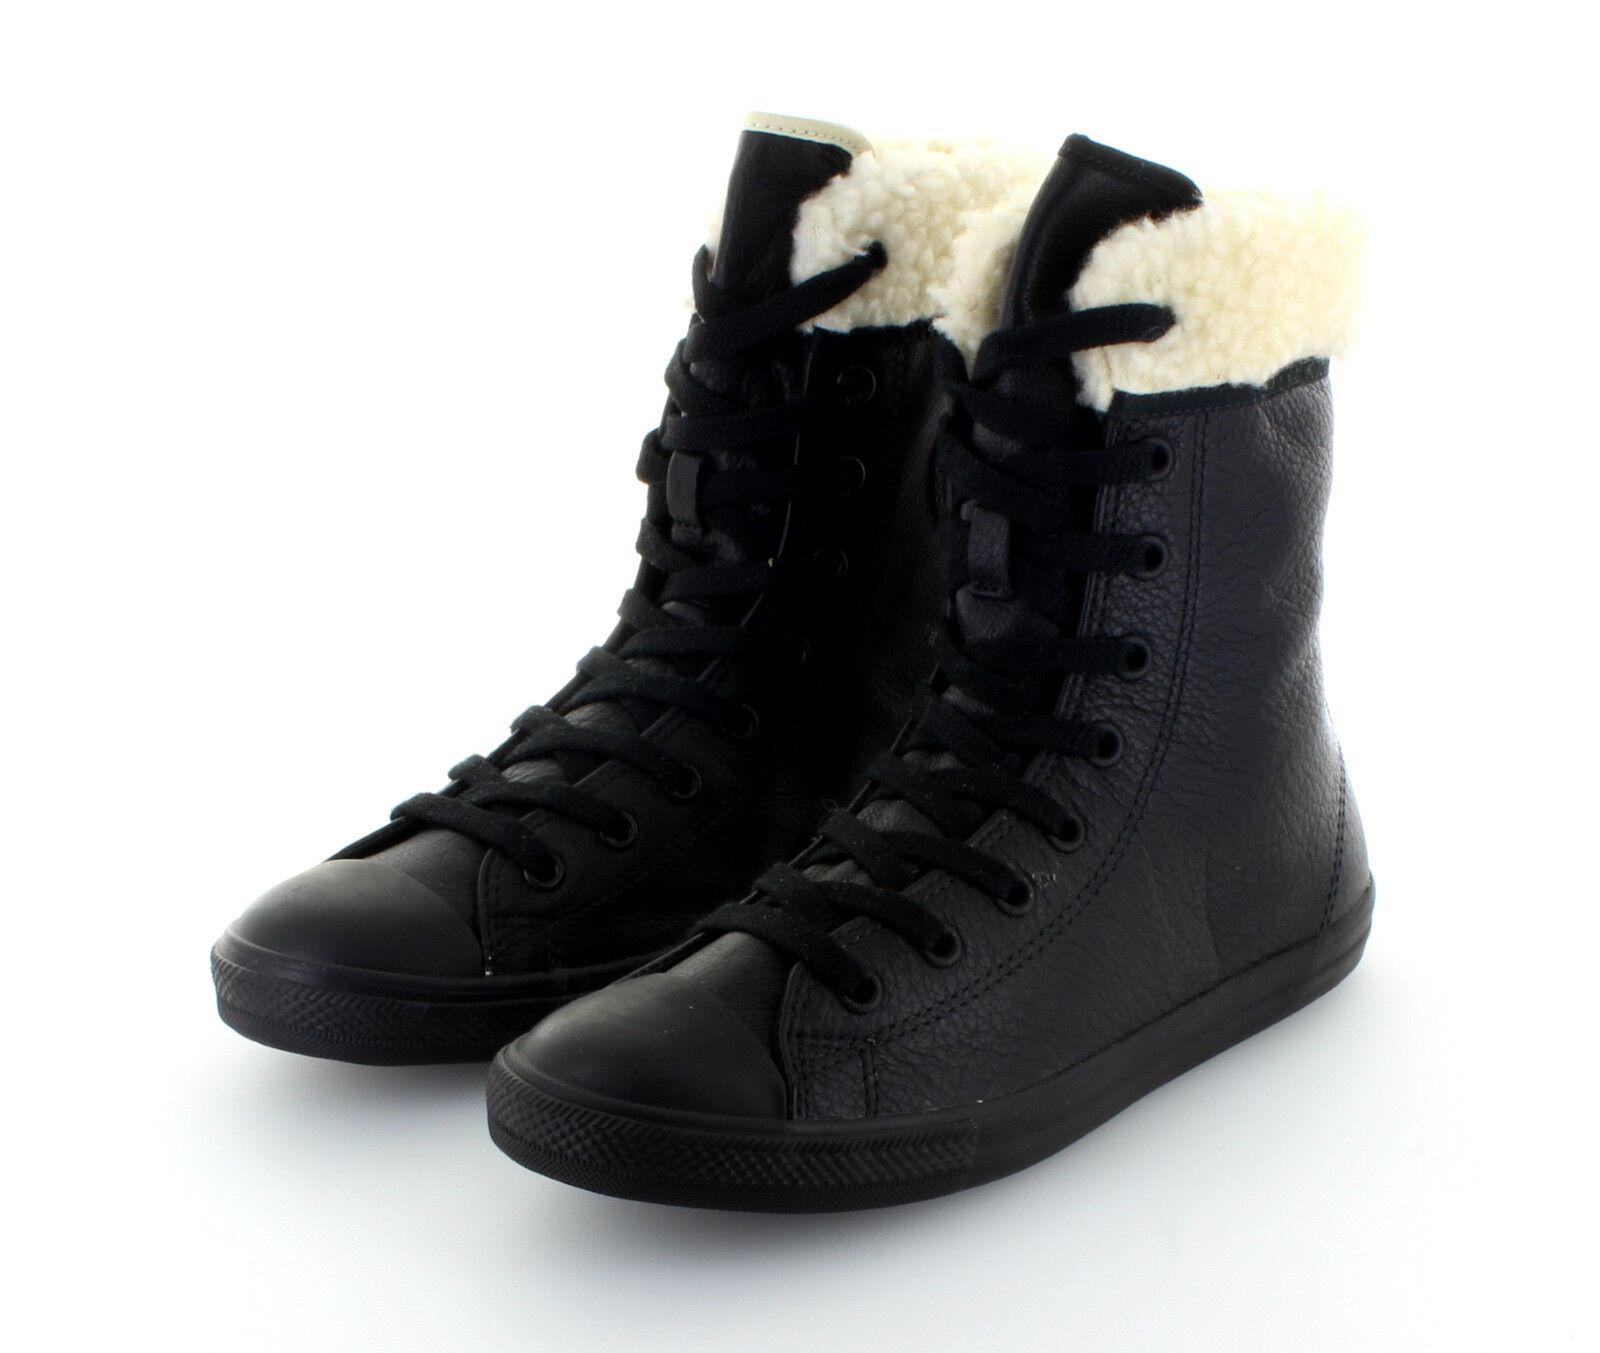 Converse All Star Chuck Taylor XHI dainty Black Leather forradas